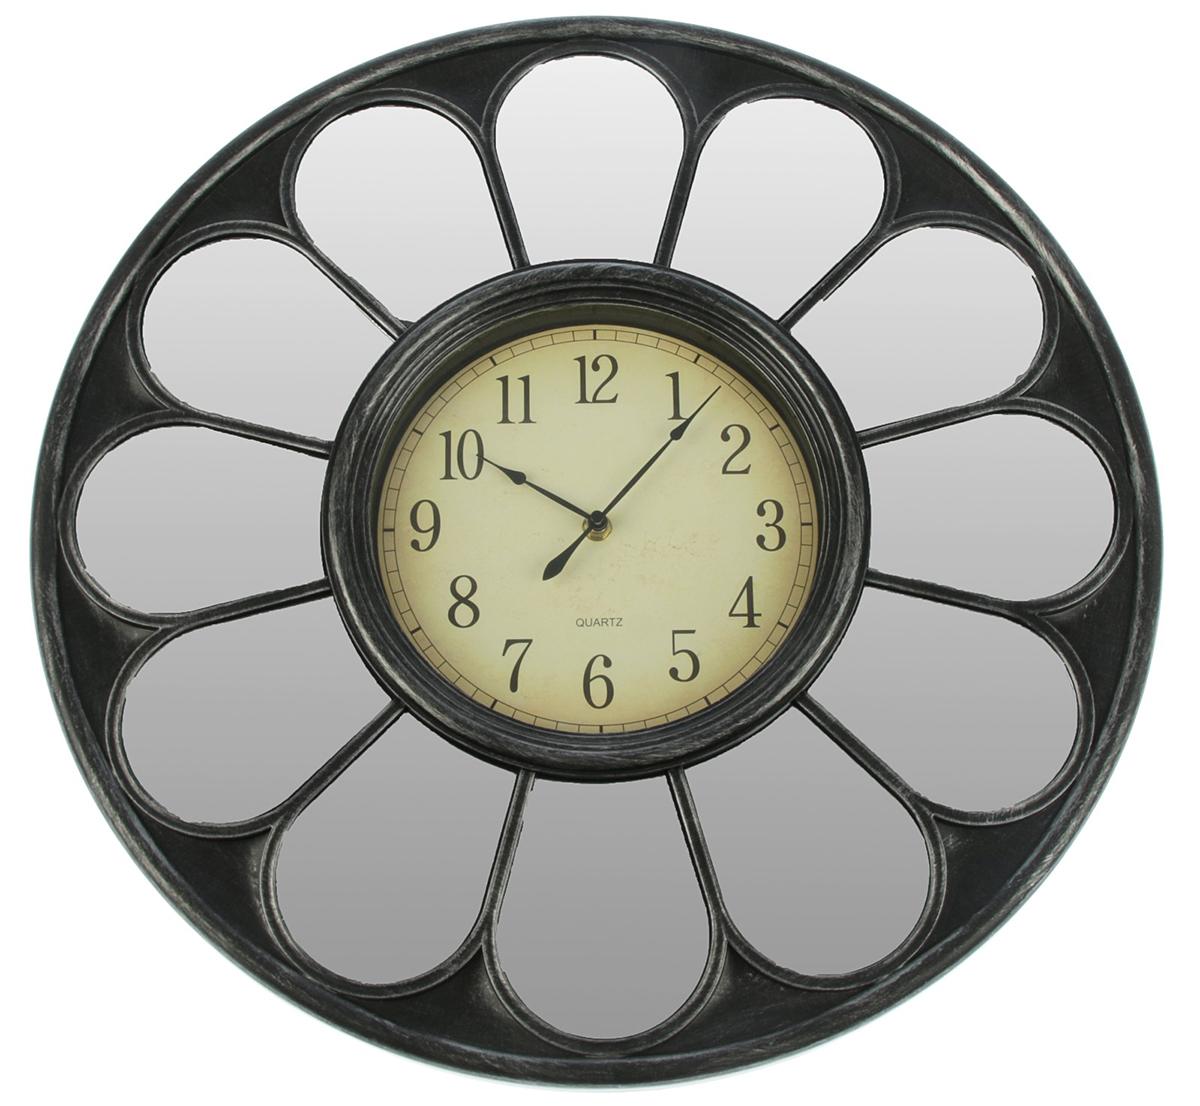 Часы настенные Зеркала. Ромашка, цвет: серебро, диаметр 50 см2770467Каждому хозяину периодически приходит мысль обновить свою квартиру, сделать ремонт, перестановку или кардинально поменять внешний вид каждой комнаты. — привлекательная деталь, которая поможет воплотить вашу интерьерную идею, создать неповторимую атмосферу в вашем доме. Окружите себя приятными мелочами, пусть они радуют глаз и дарят гармонию.Часы настенные. серия Зеркала, круг, Ромашка, циферблат под старину, цвет серебро, d=50см 2770467